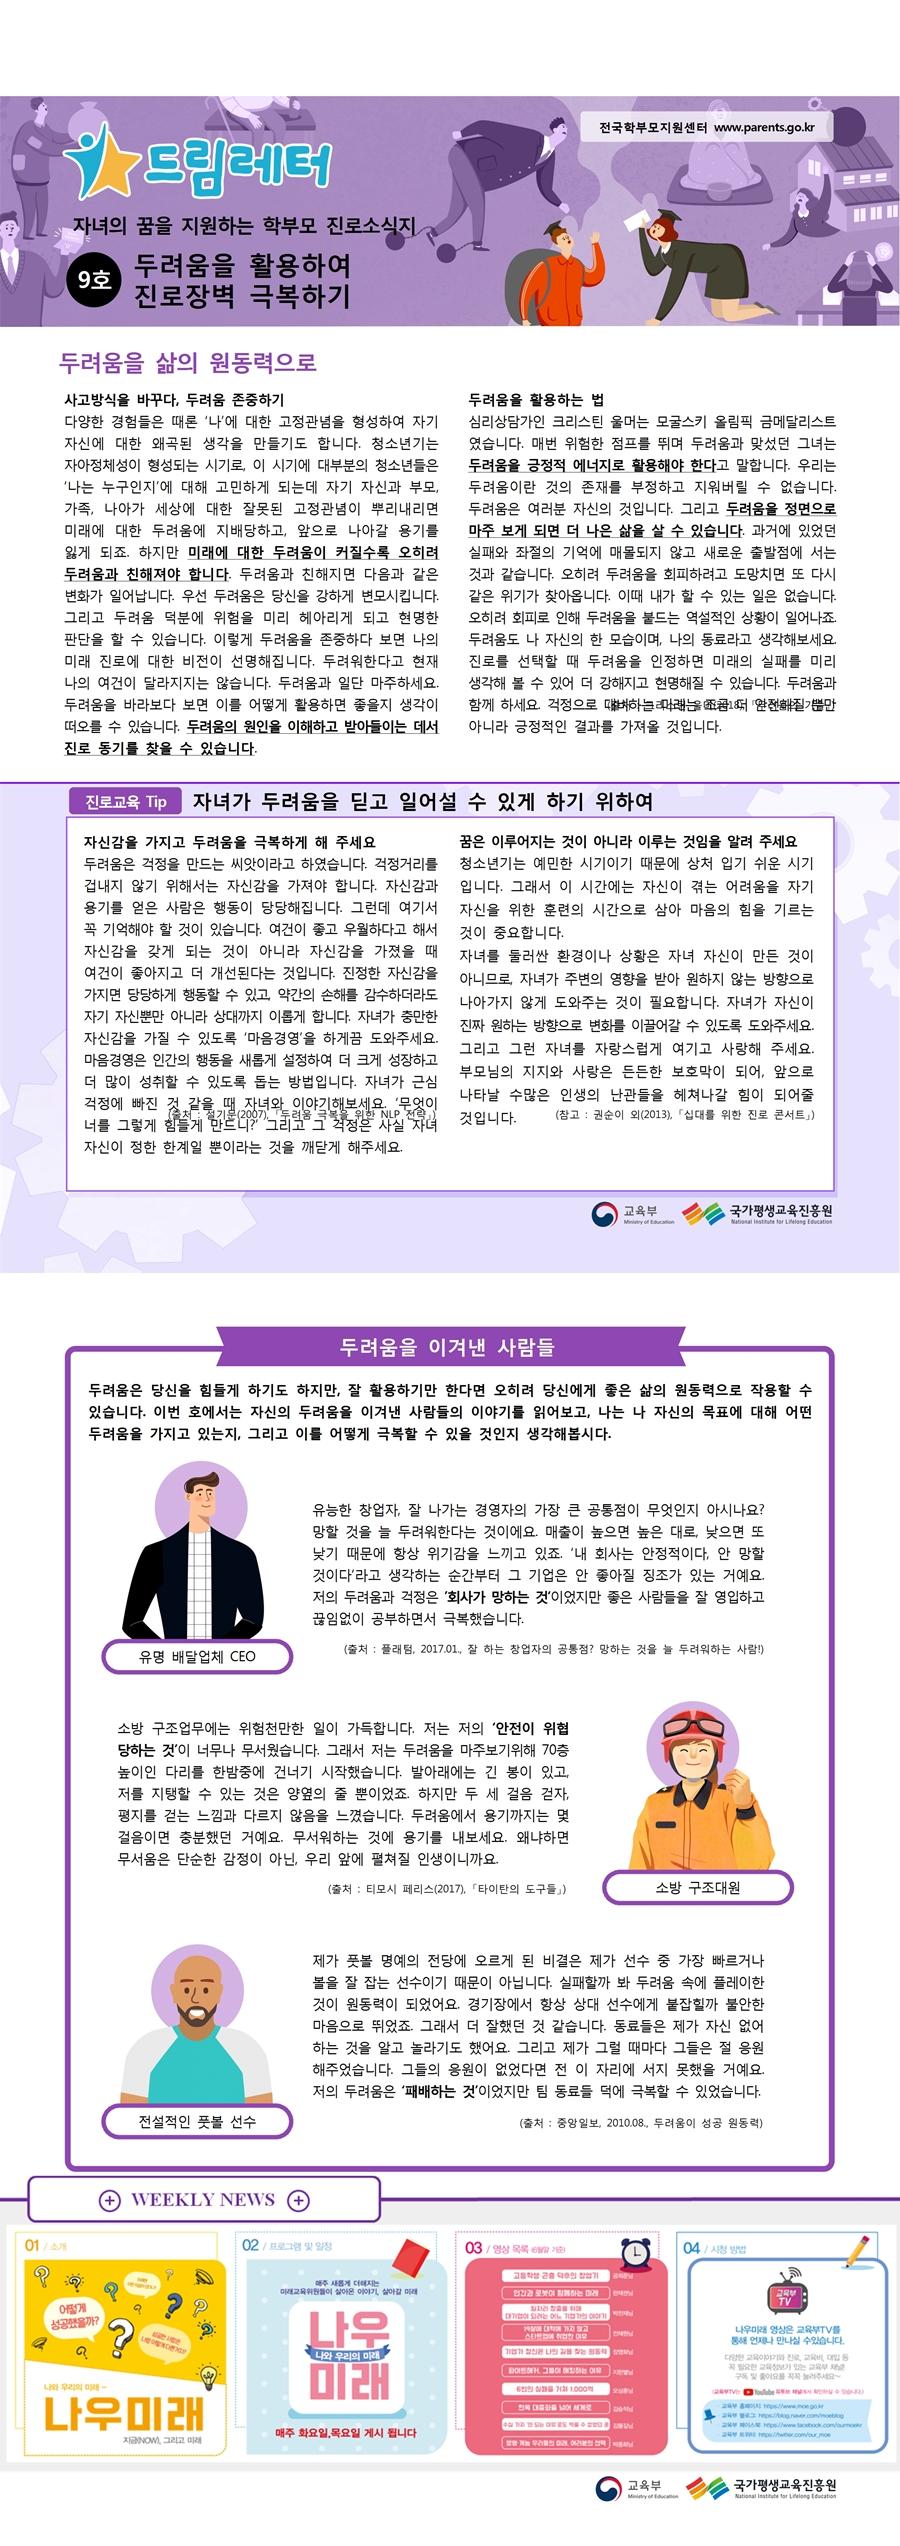 [일반] 2019_9호 자녀의 꿈을 지원하는 학부모 진로 소식지의 첨부이미지 1